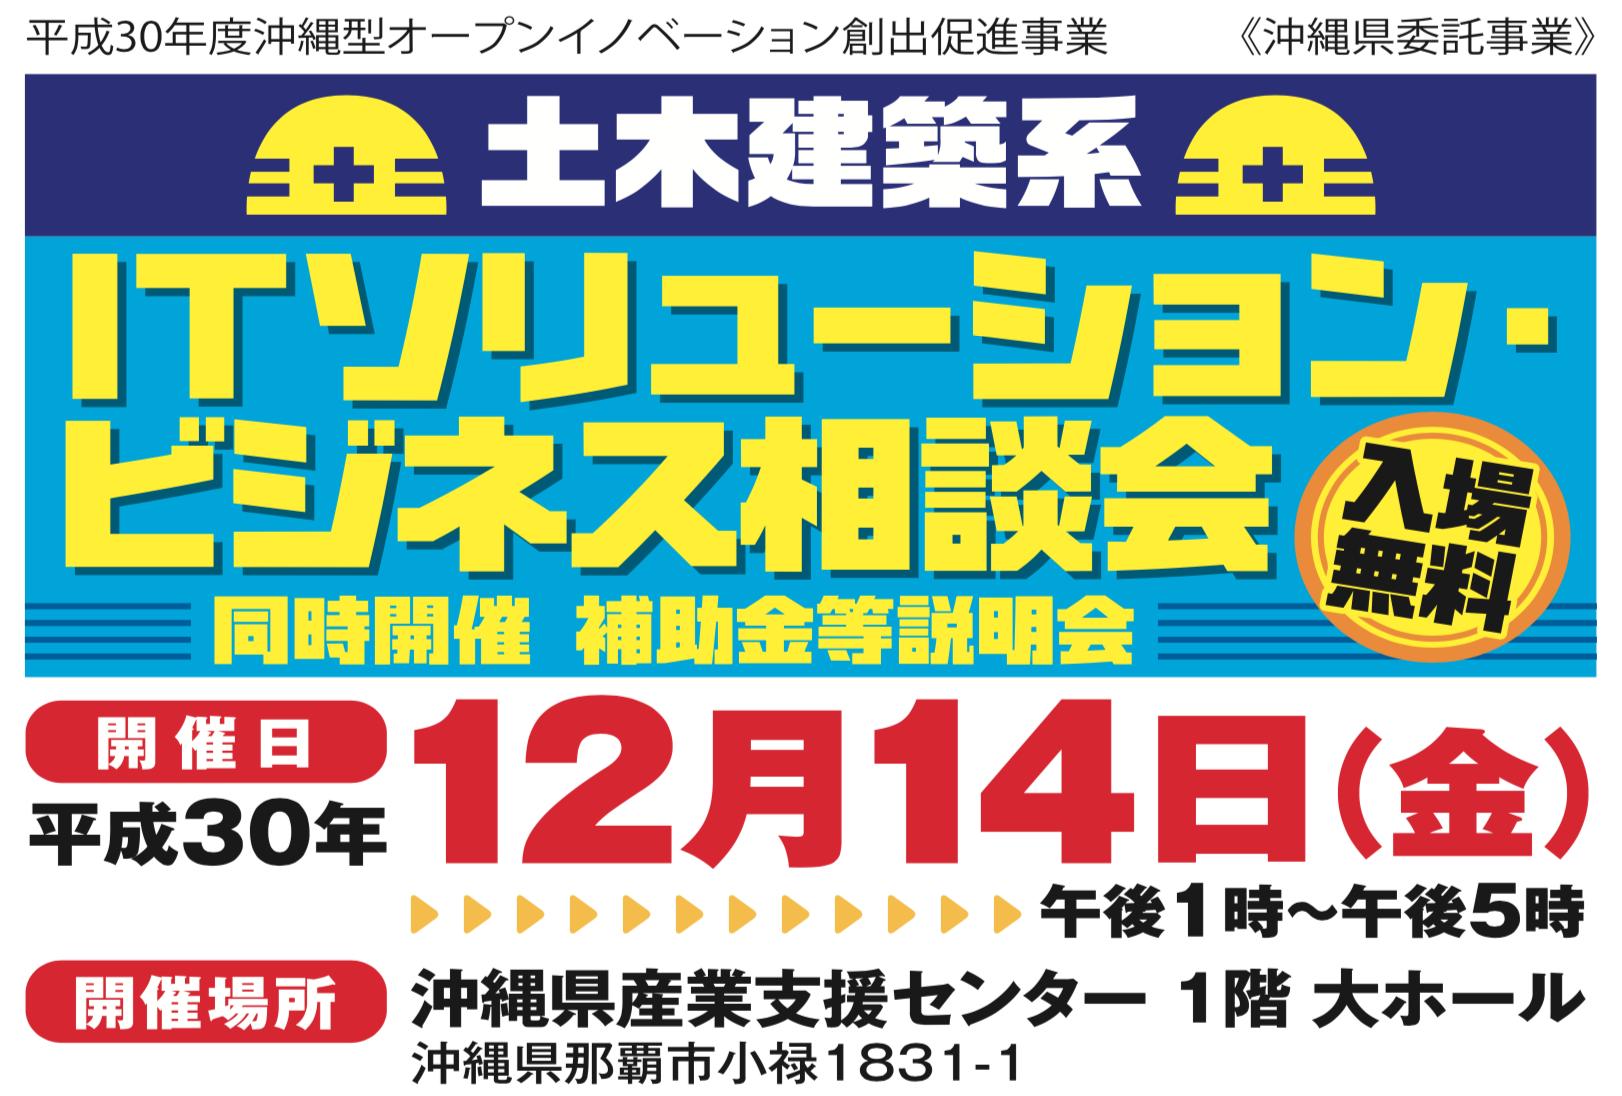 土木建築系『 ITソリューション・ビジネス相談会』補助金等説明会を開催します!